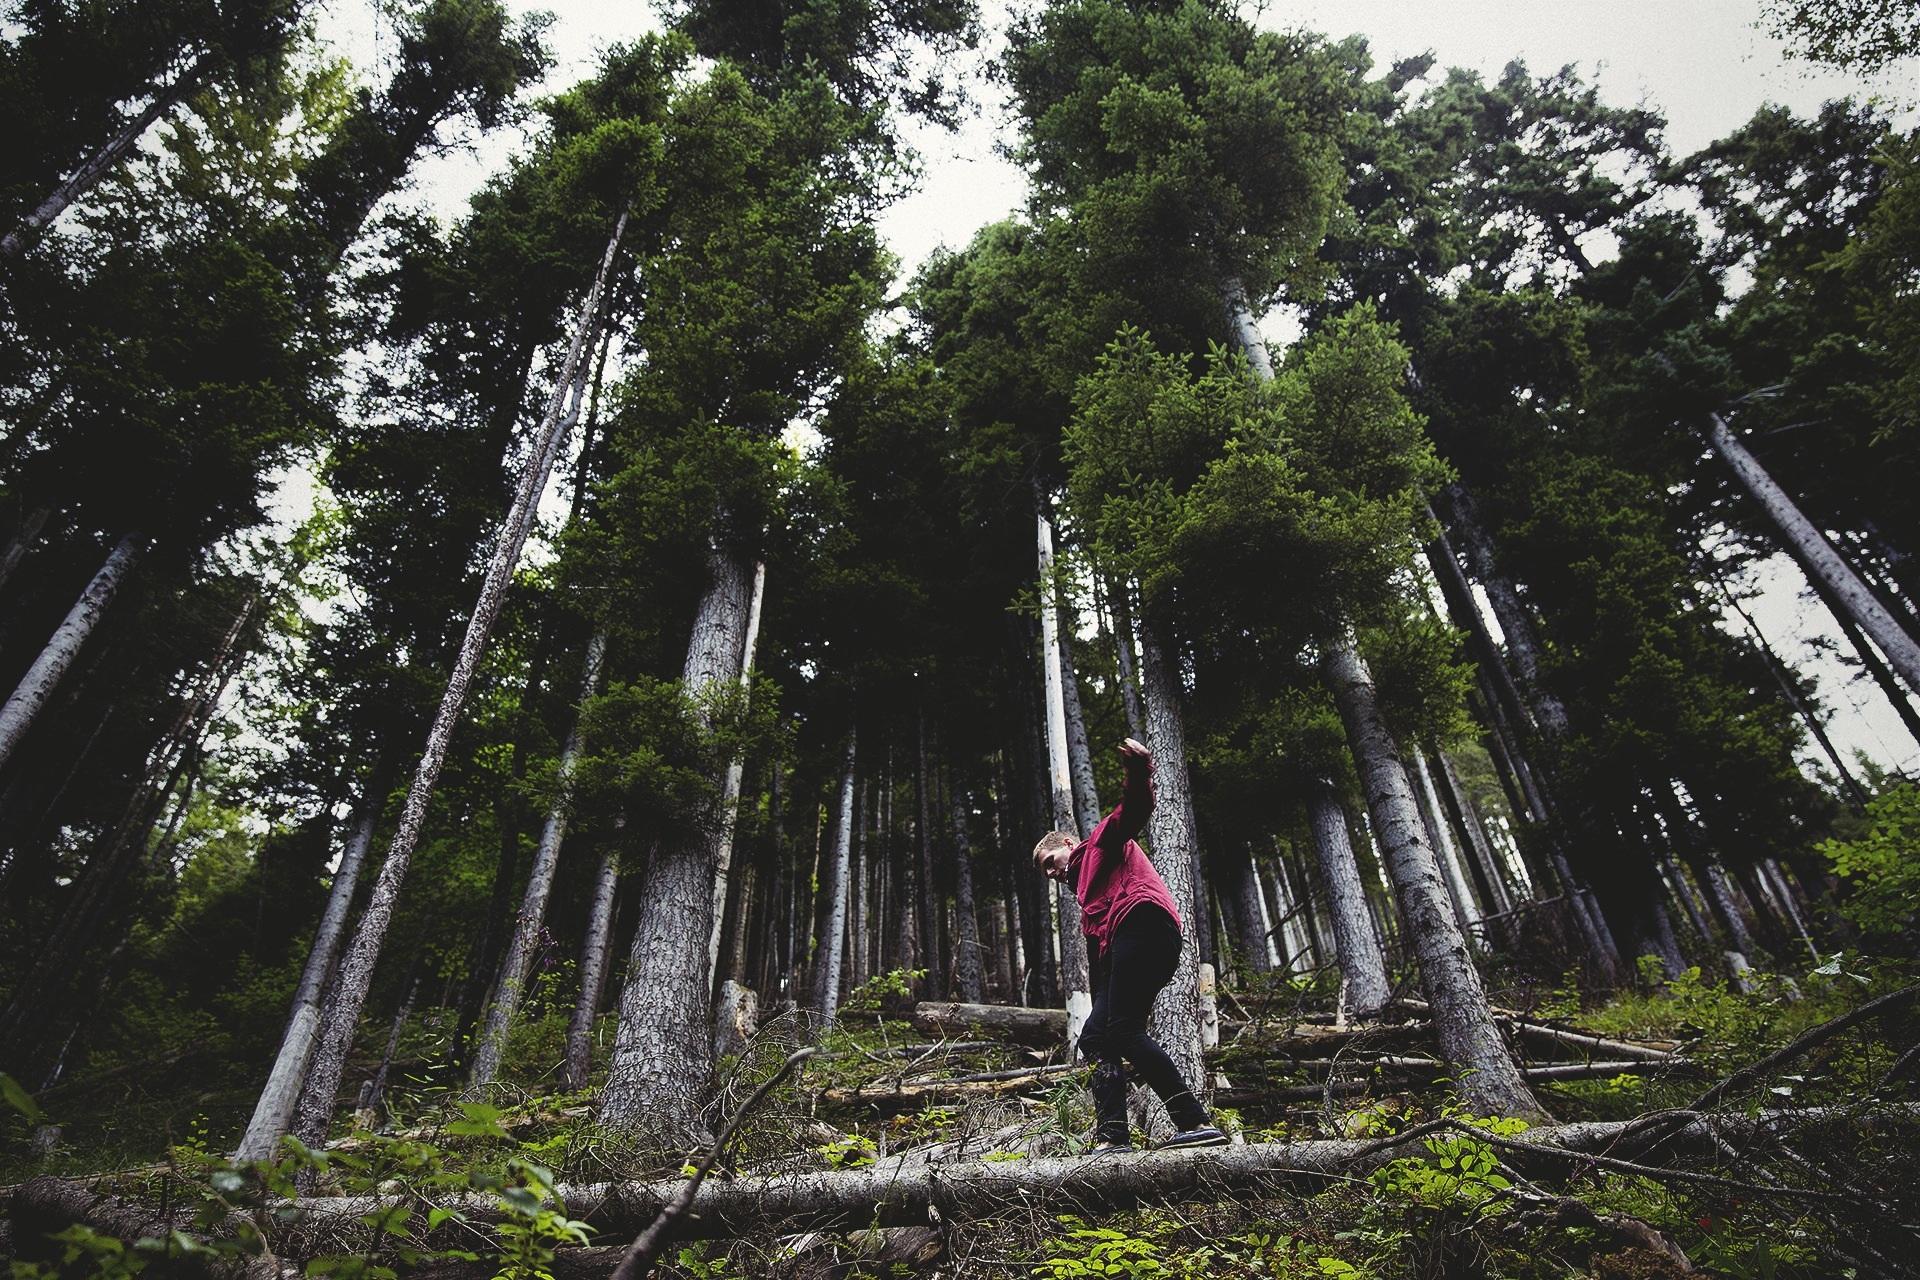 Balanceakt im Wald